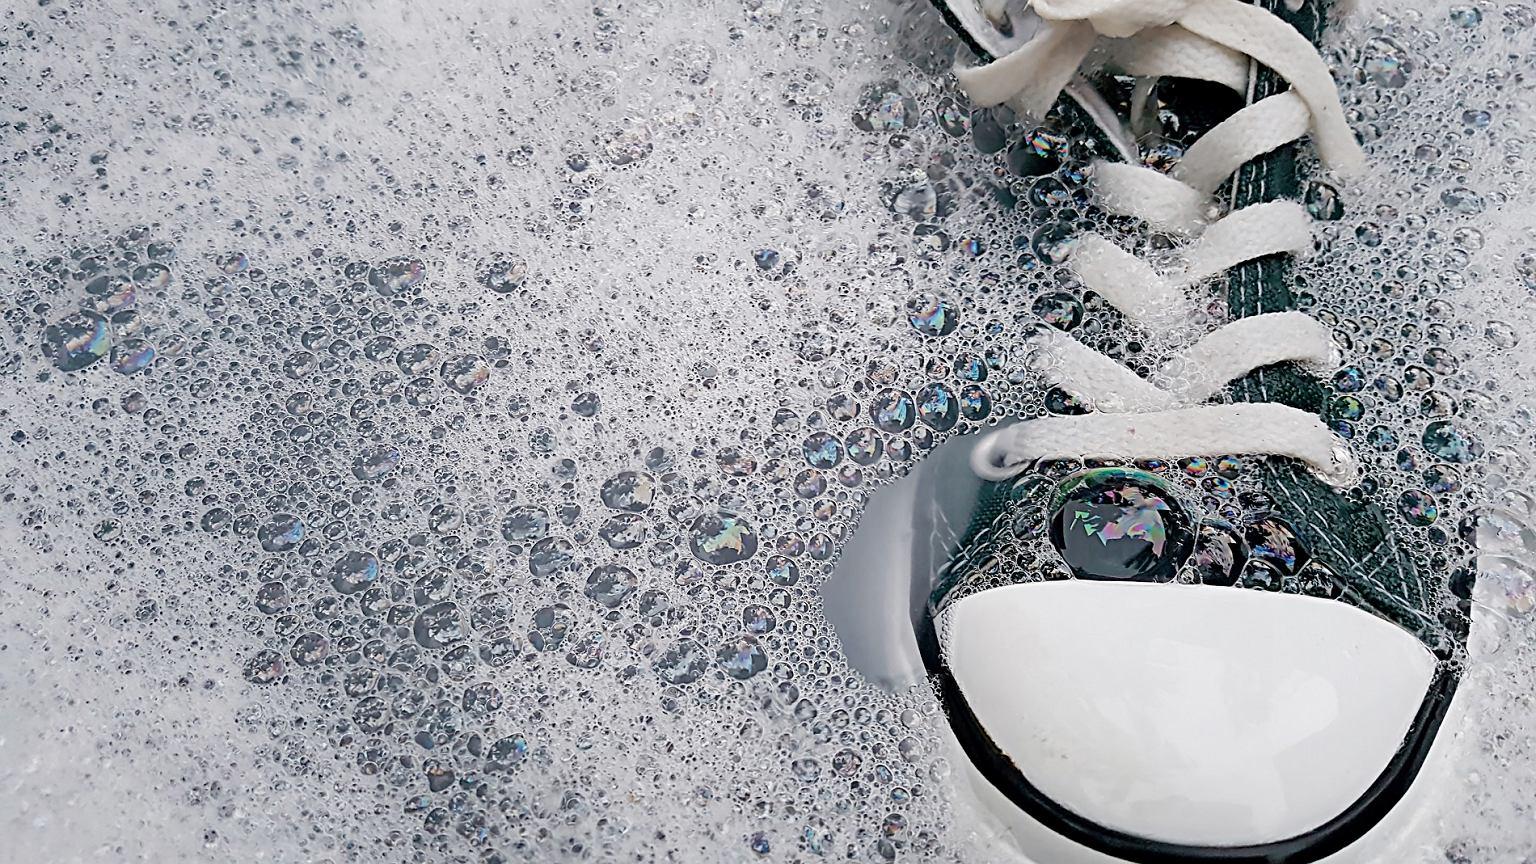 Jak Prac Buty Sprawdzone Sposoby Na Pranie Butow Sportowych Oraz Zamszowych Moda I Trendy